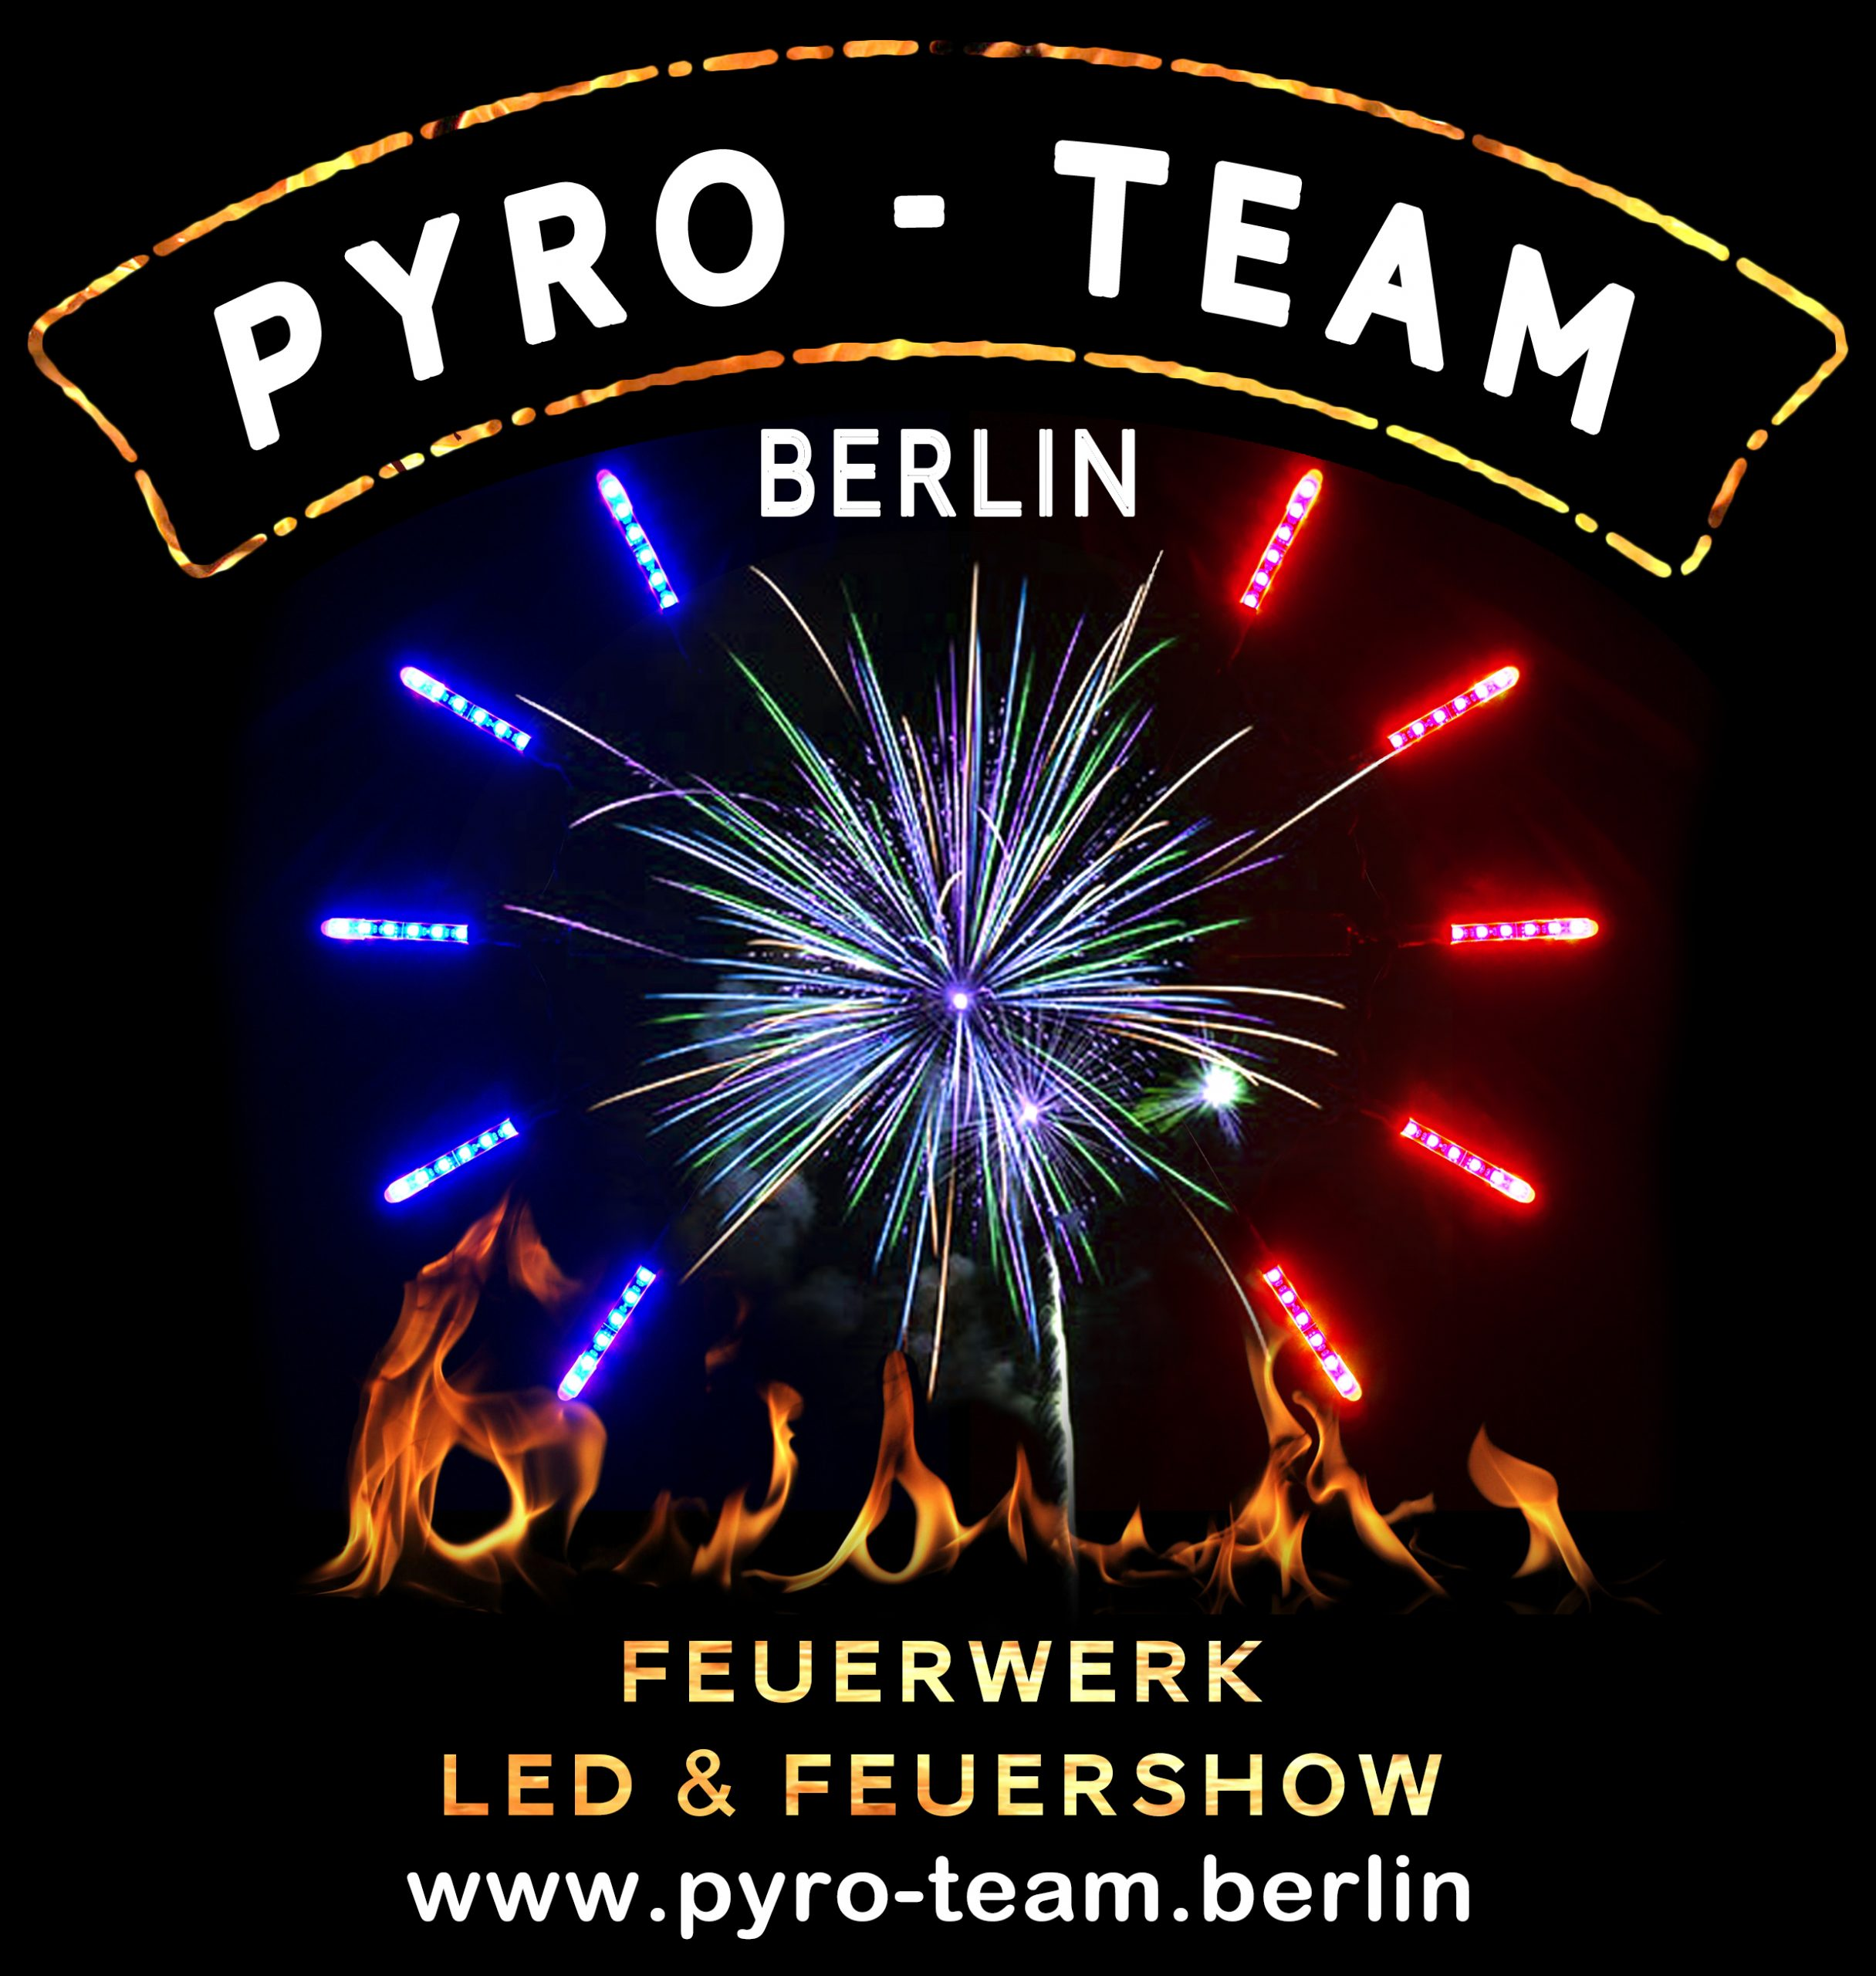 Logo der Pyro-Team Berlin GmbH